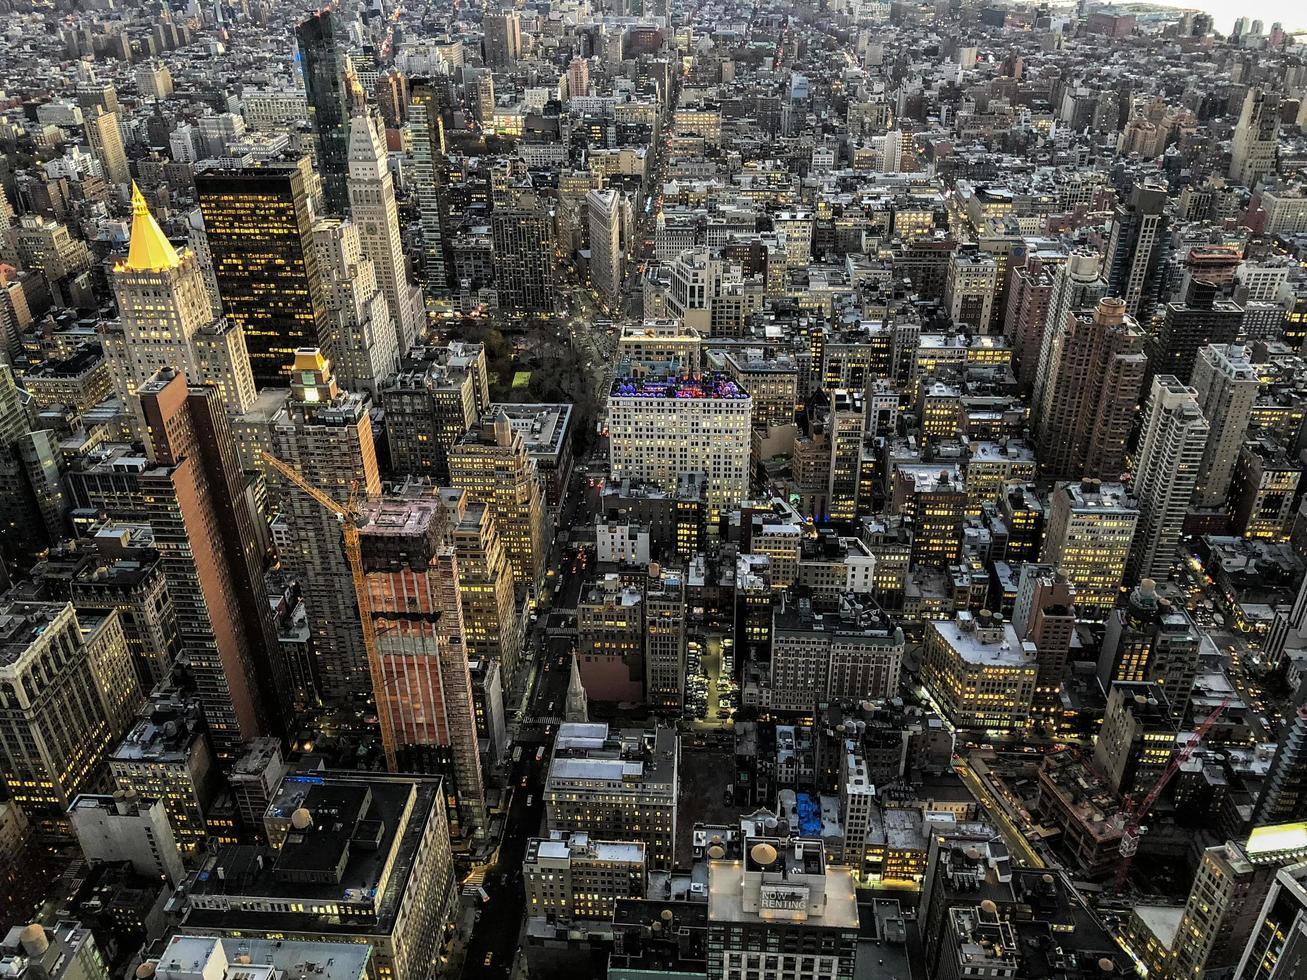 New York City luchtfoto van de skyline van de stad foto